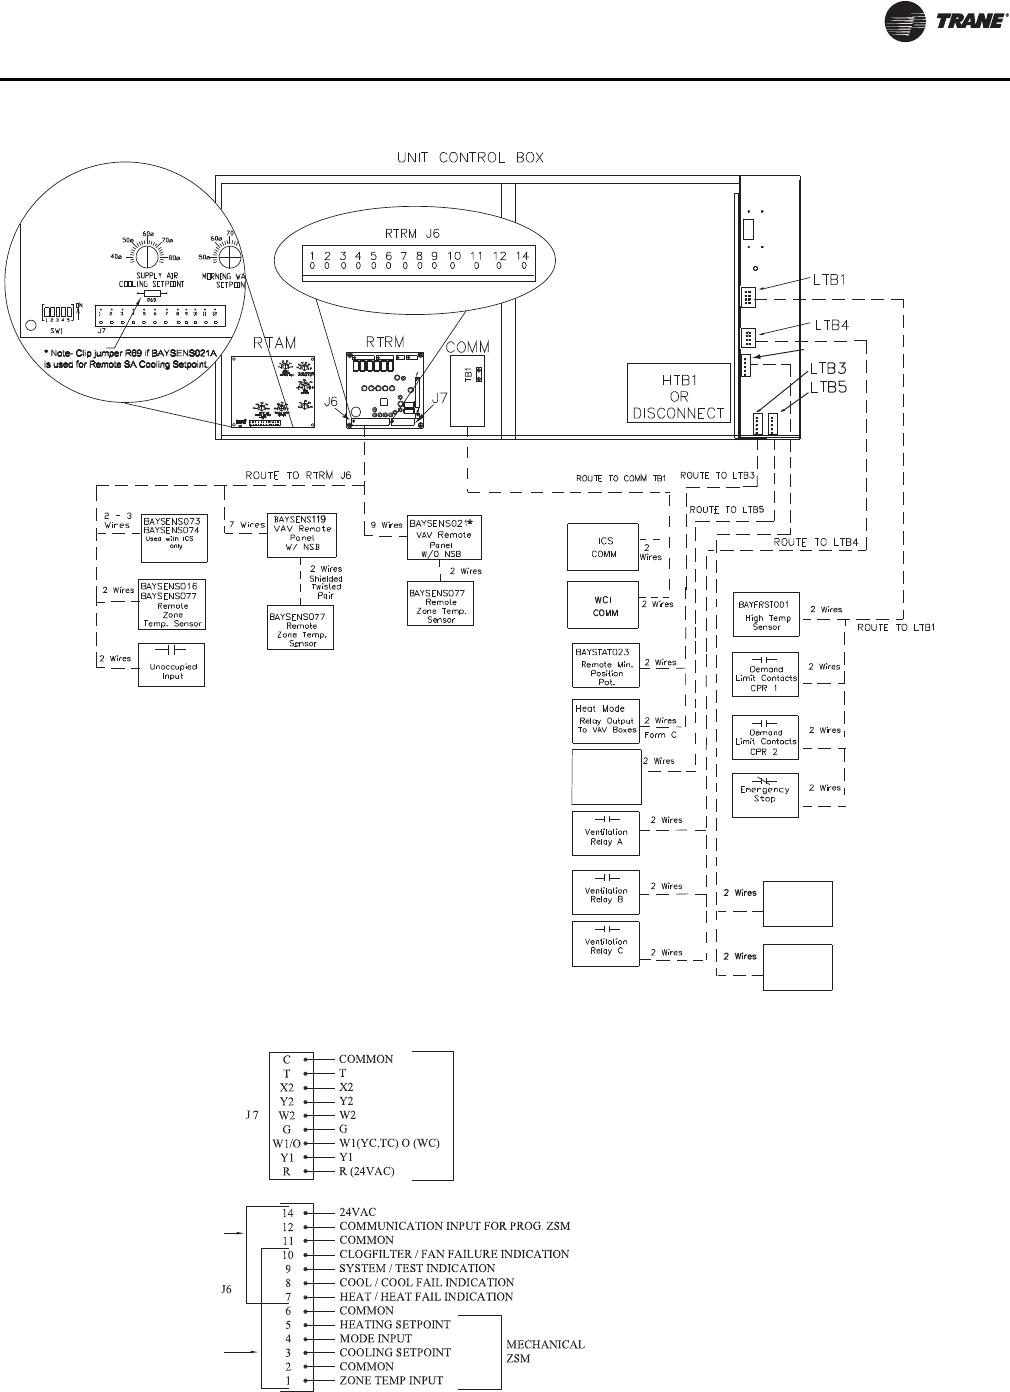 Trane Voyager Wiring Diagrams